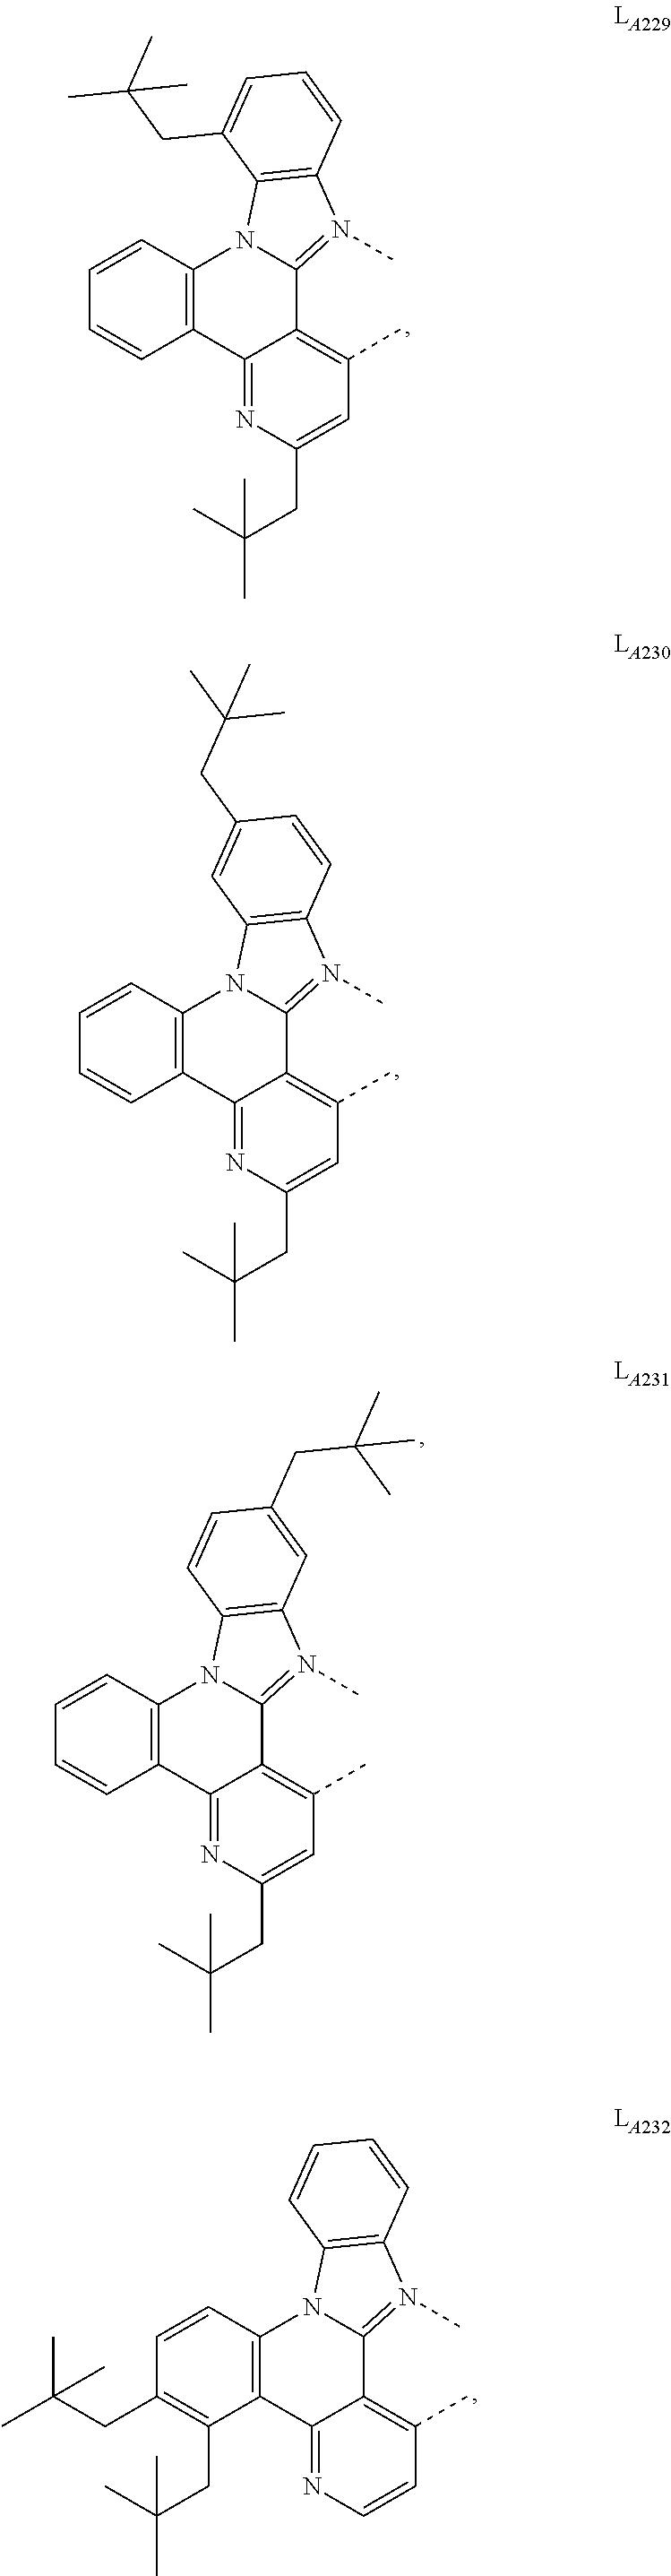 Figure US09905785-20180227-C00078